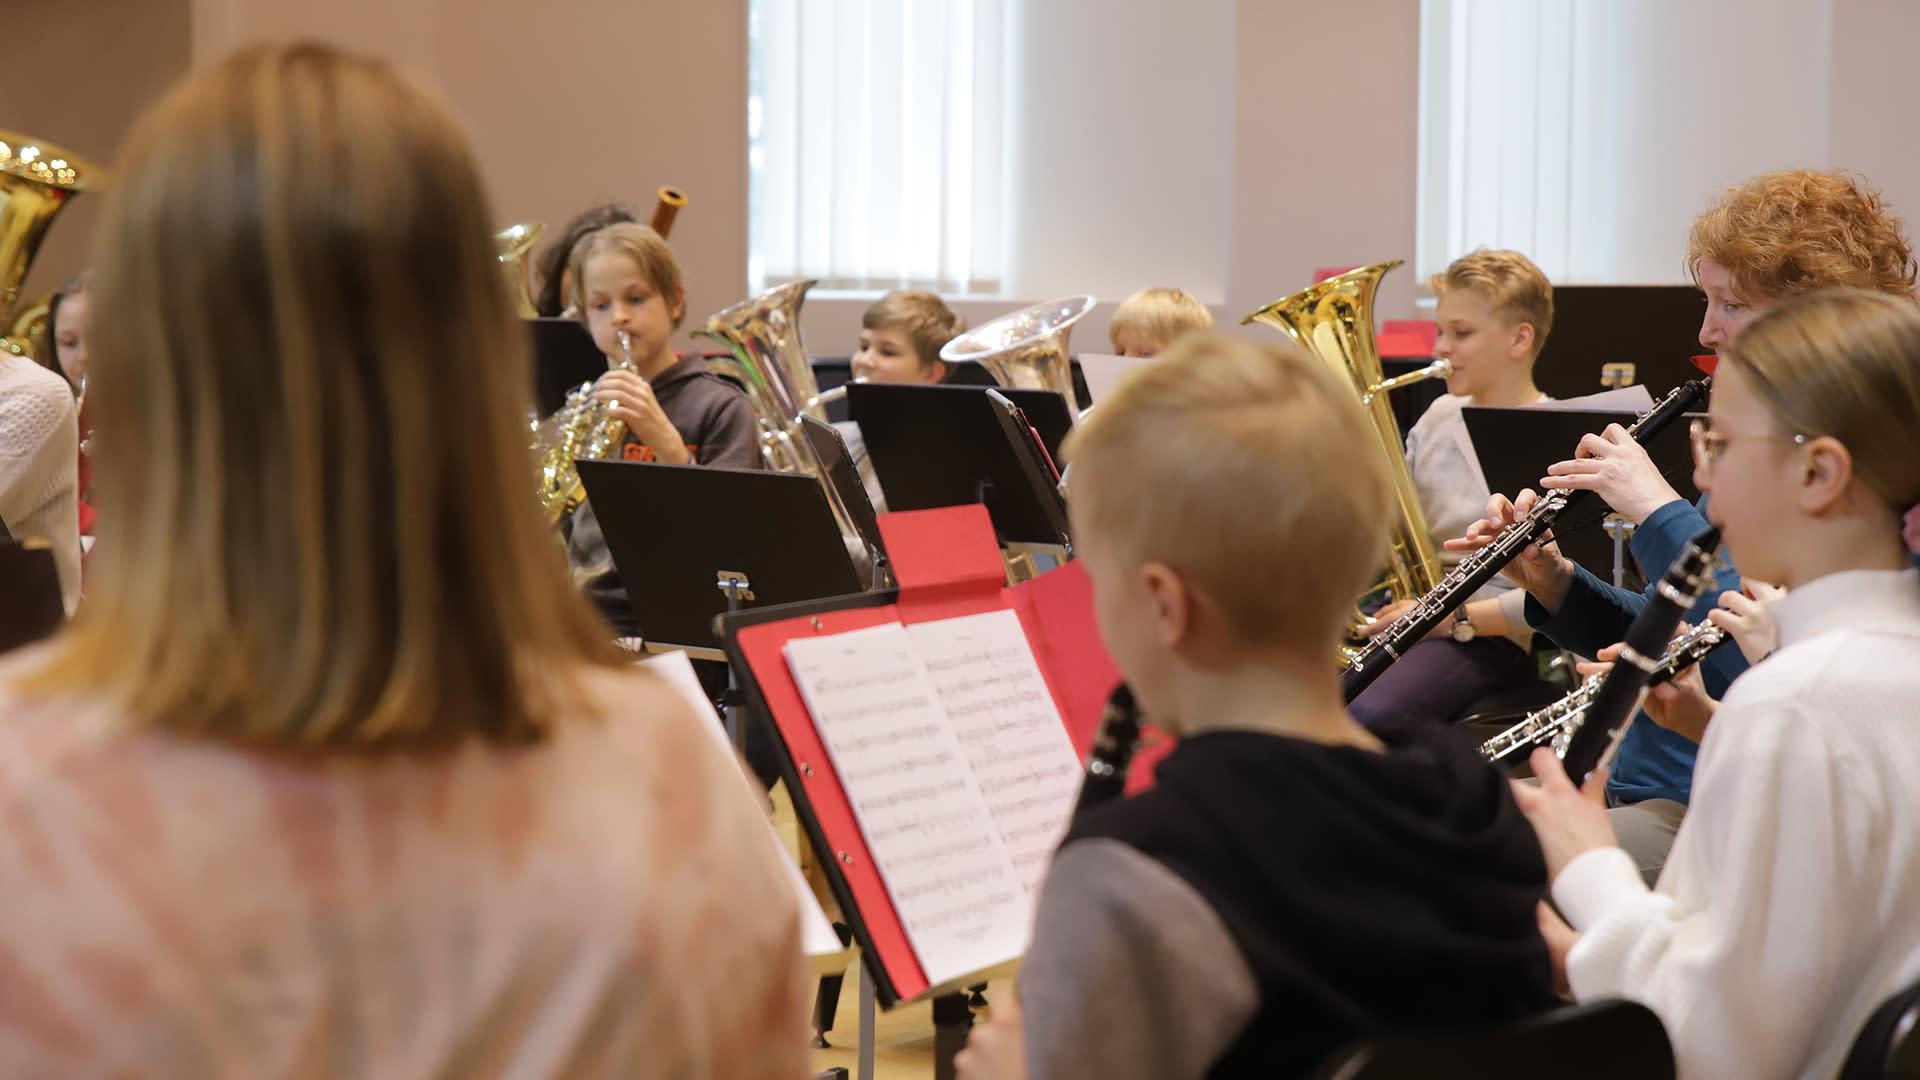 Musiikkiopiston puhallinorkesteri harjoittelee